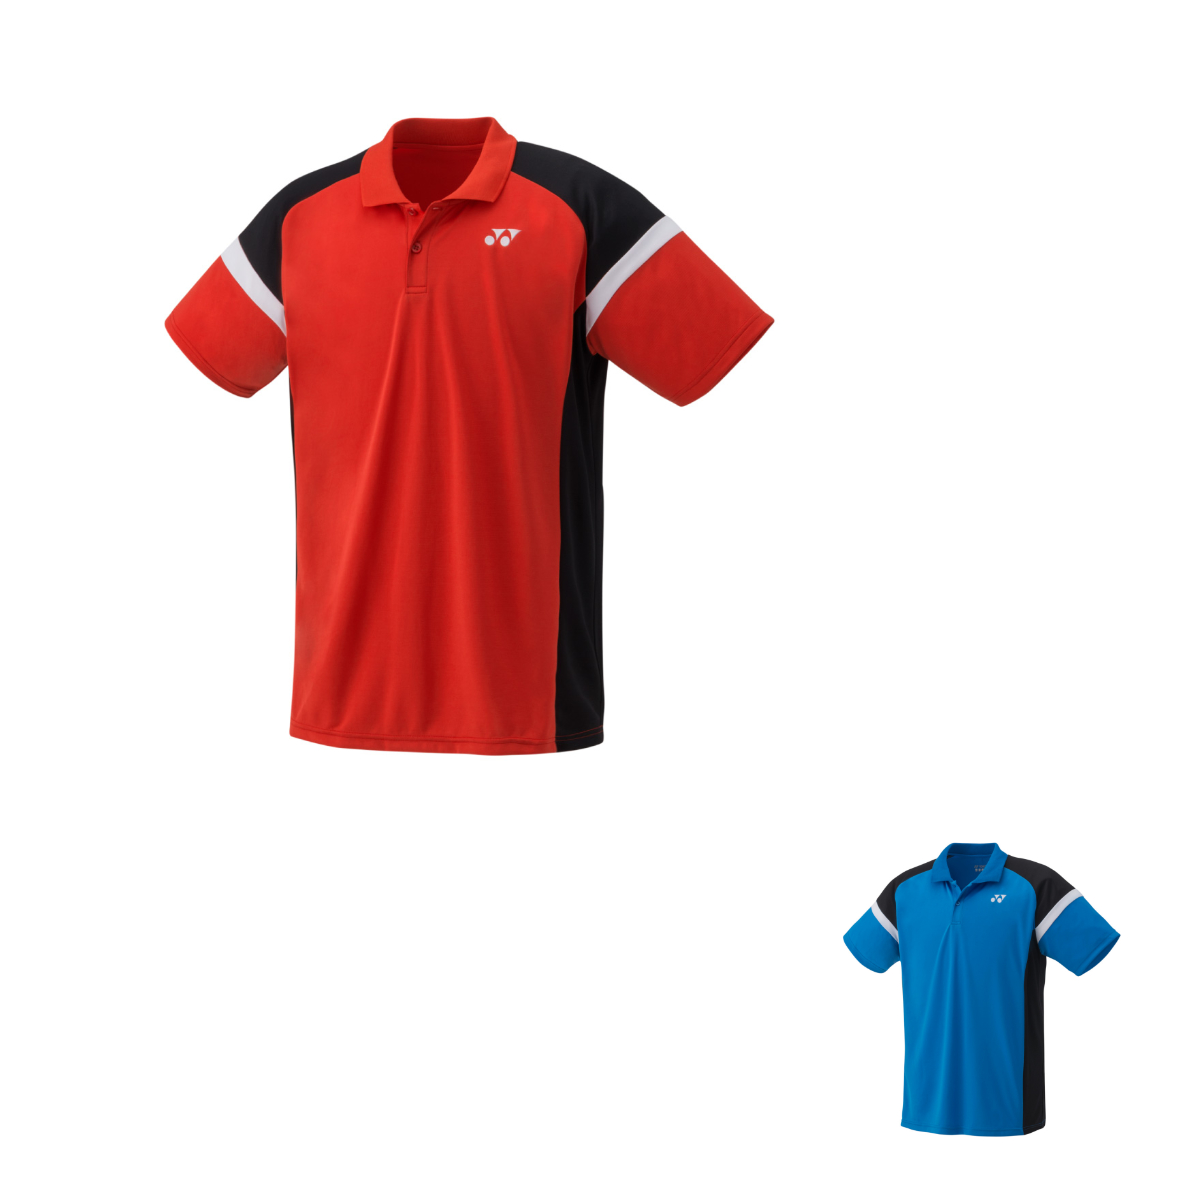 YONEX - Junior. Polo Shirt #YJ0002